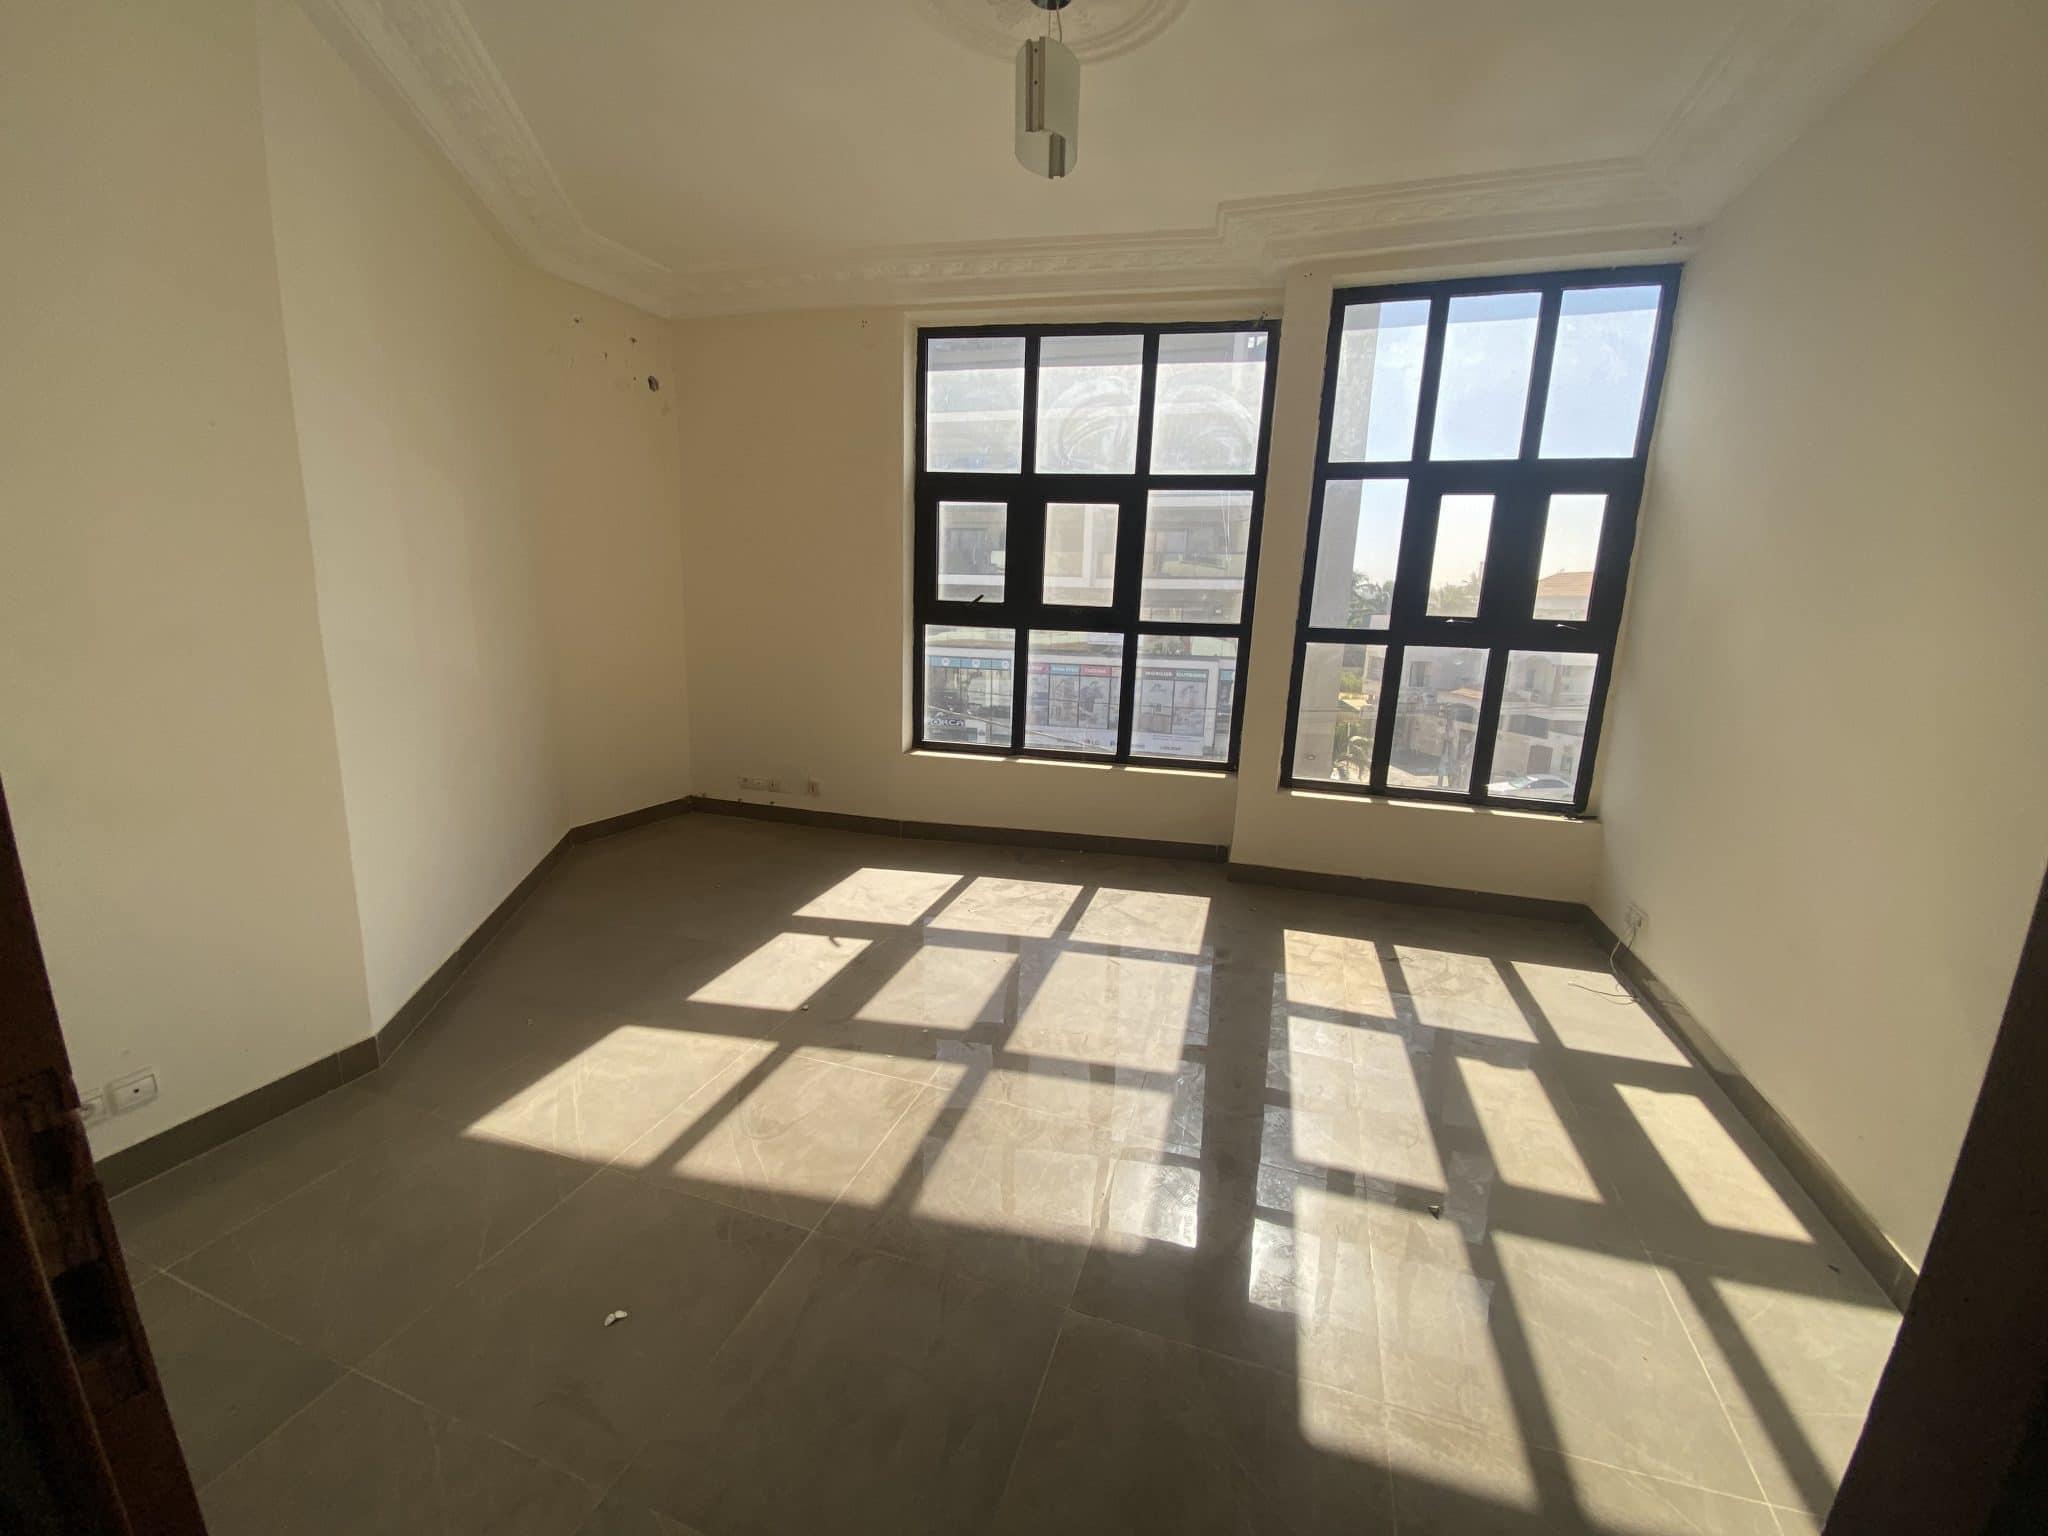 Appartement à usage professionnel à louer DAkar Almadies